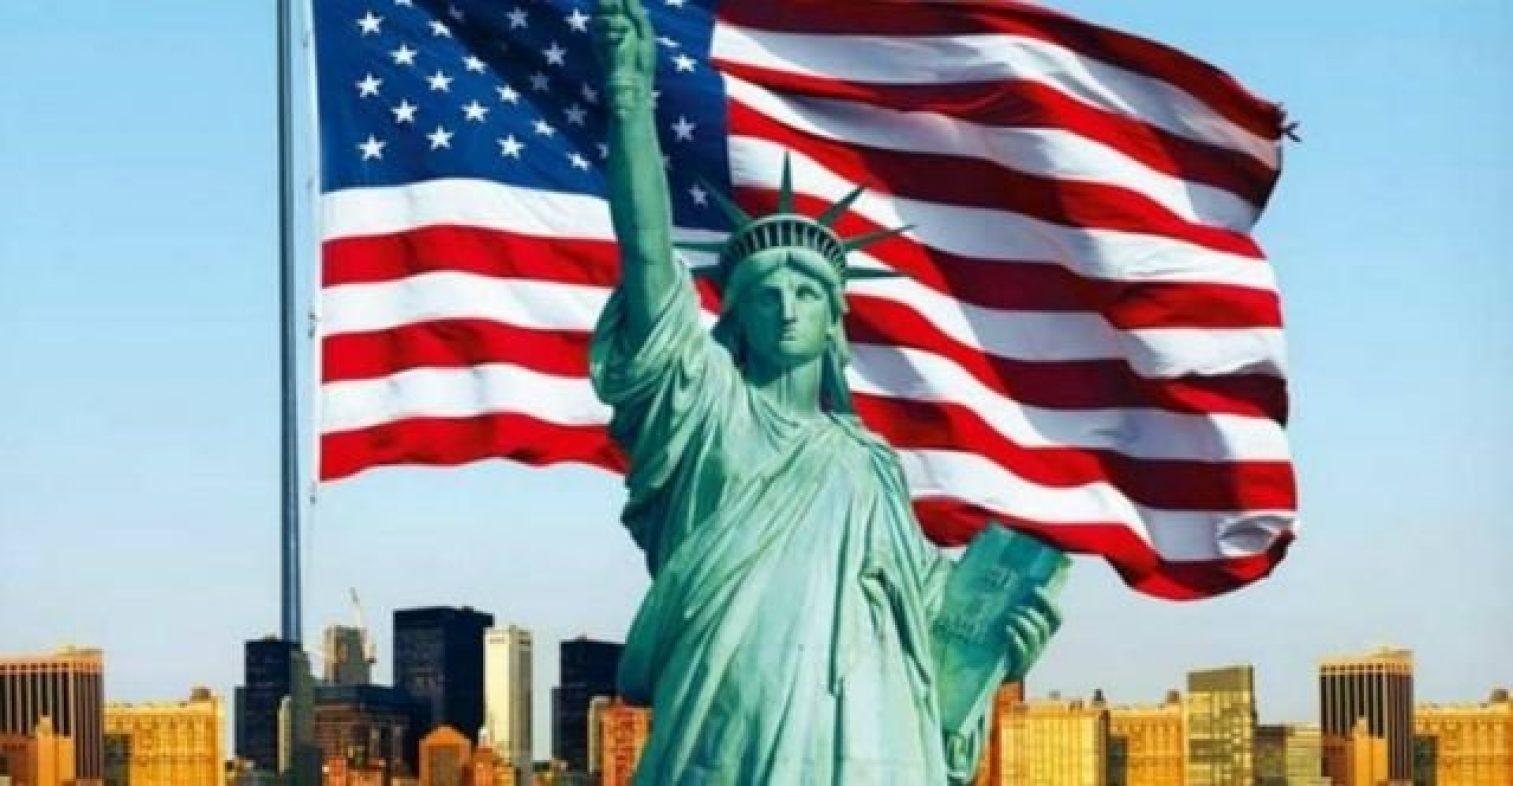 Usa Sua Liberty Statue